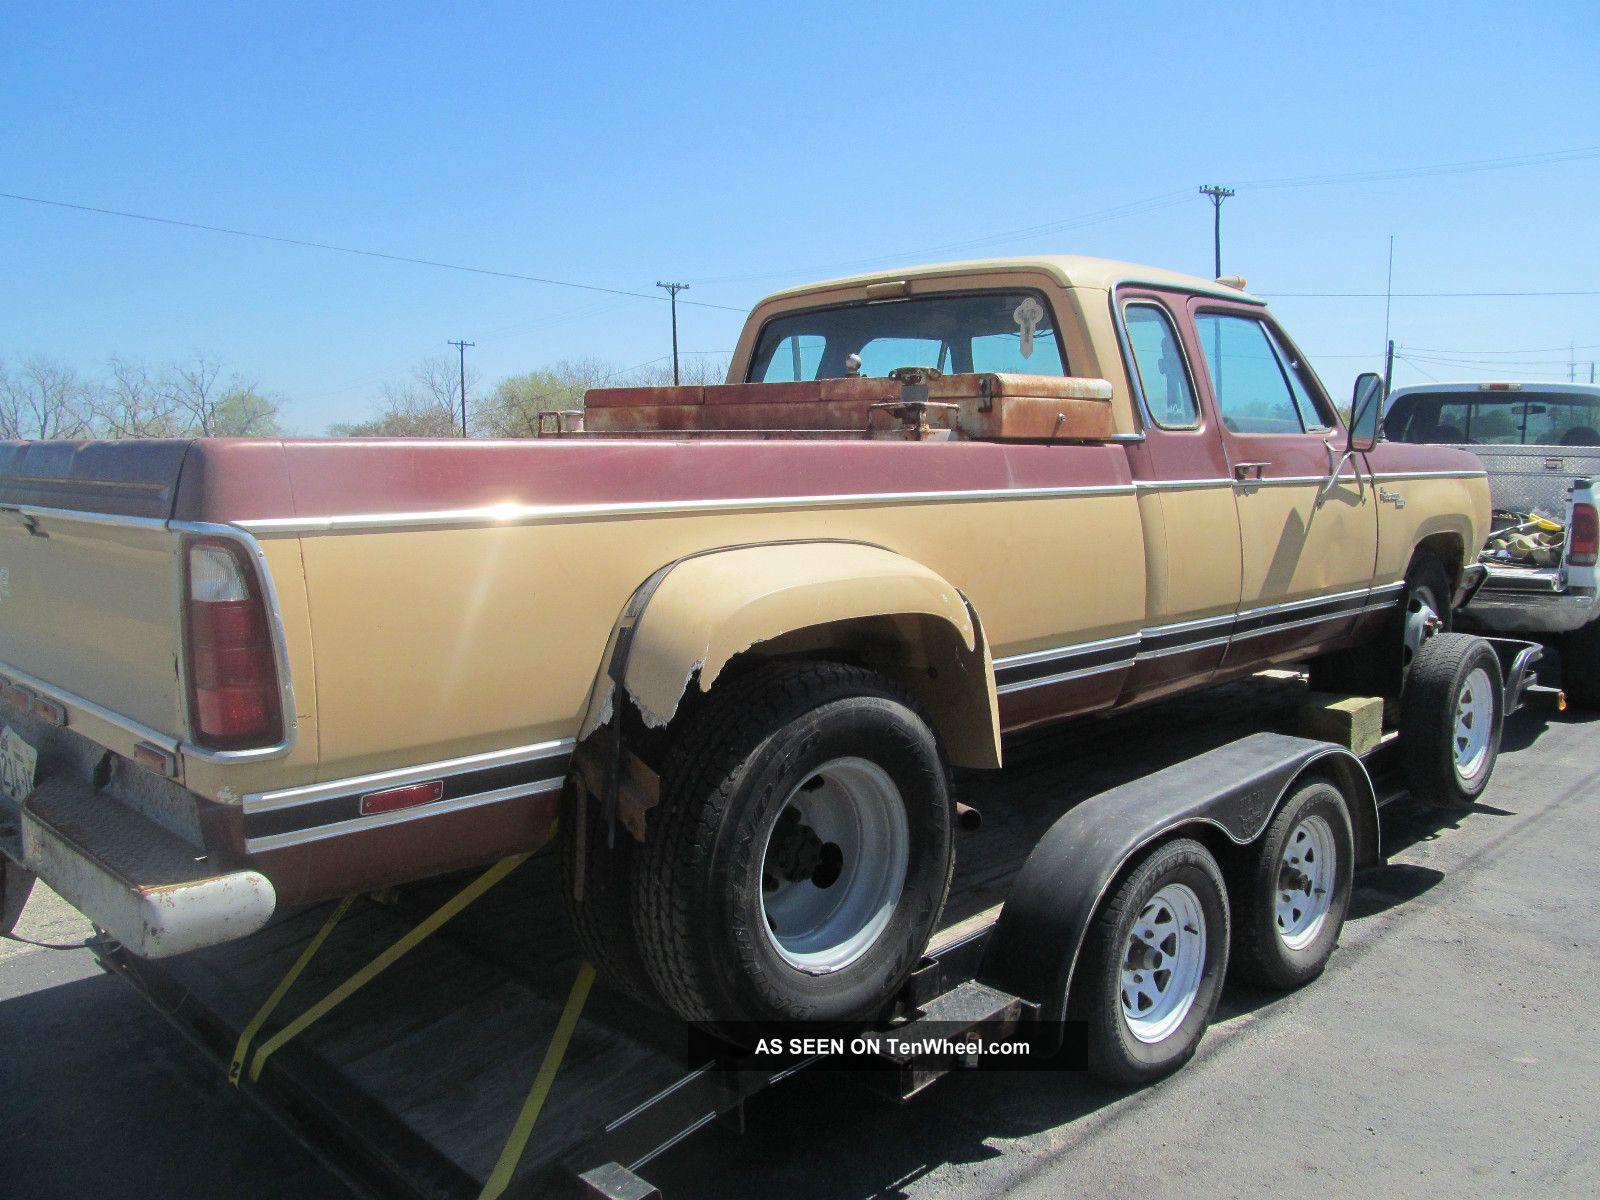 Texas Barn Find Dodge D Dually Club Cab Mopar Ton Nr Lgw on 1977 Dodge Power Wagon 4x4 440